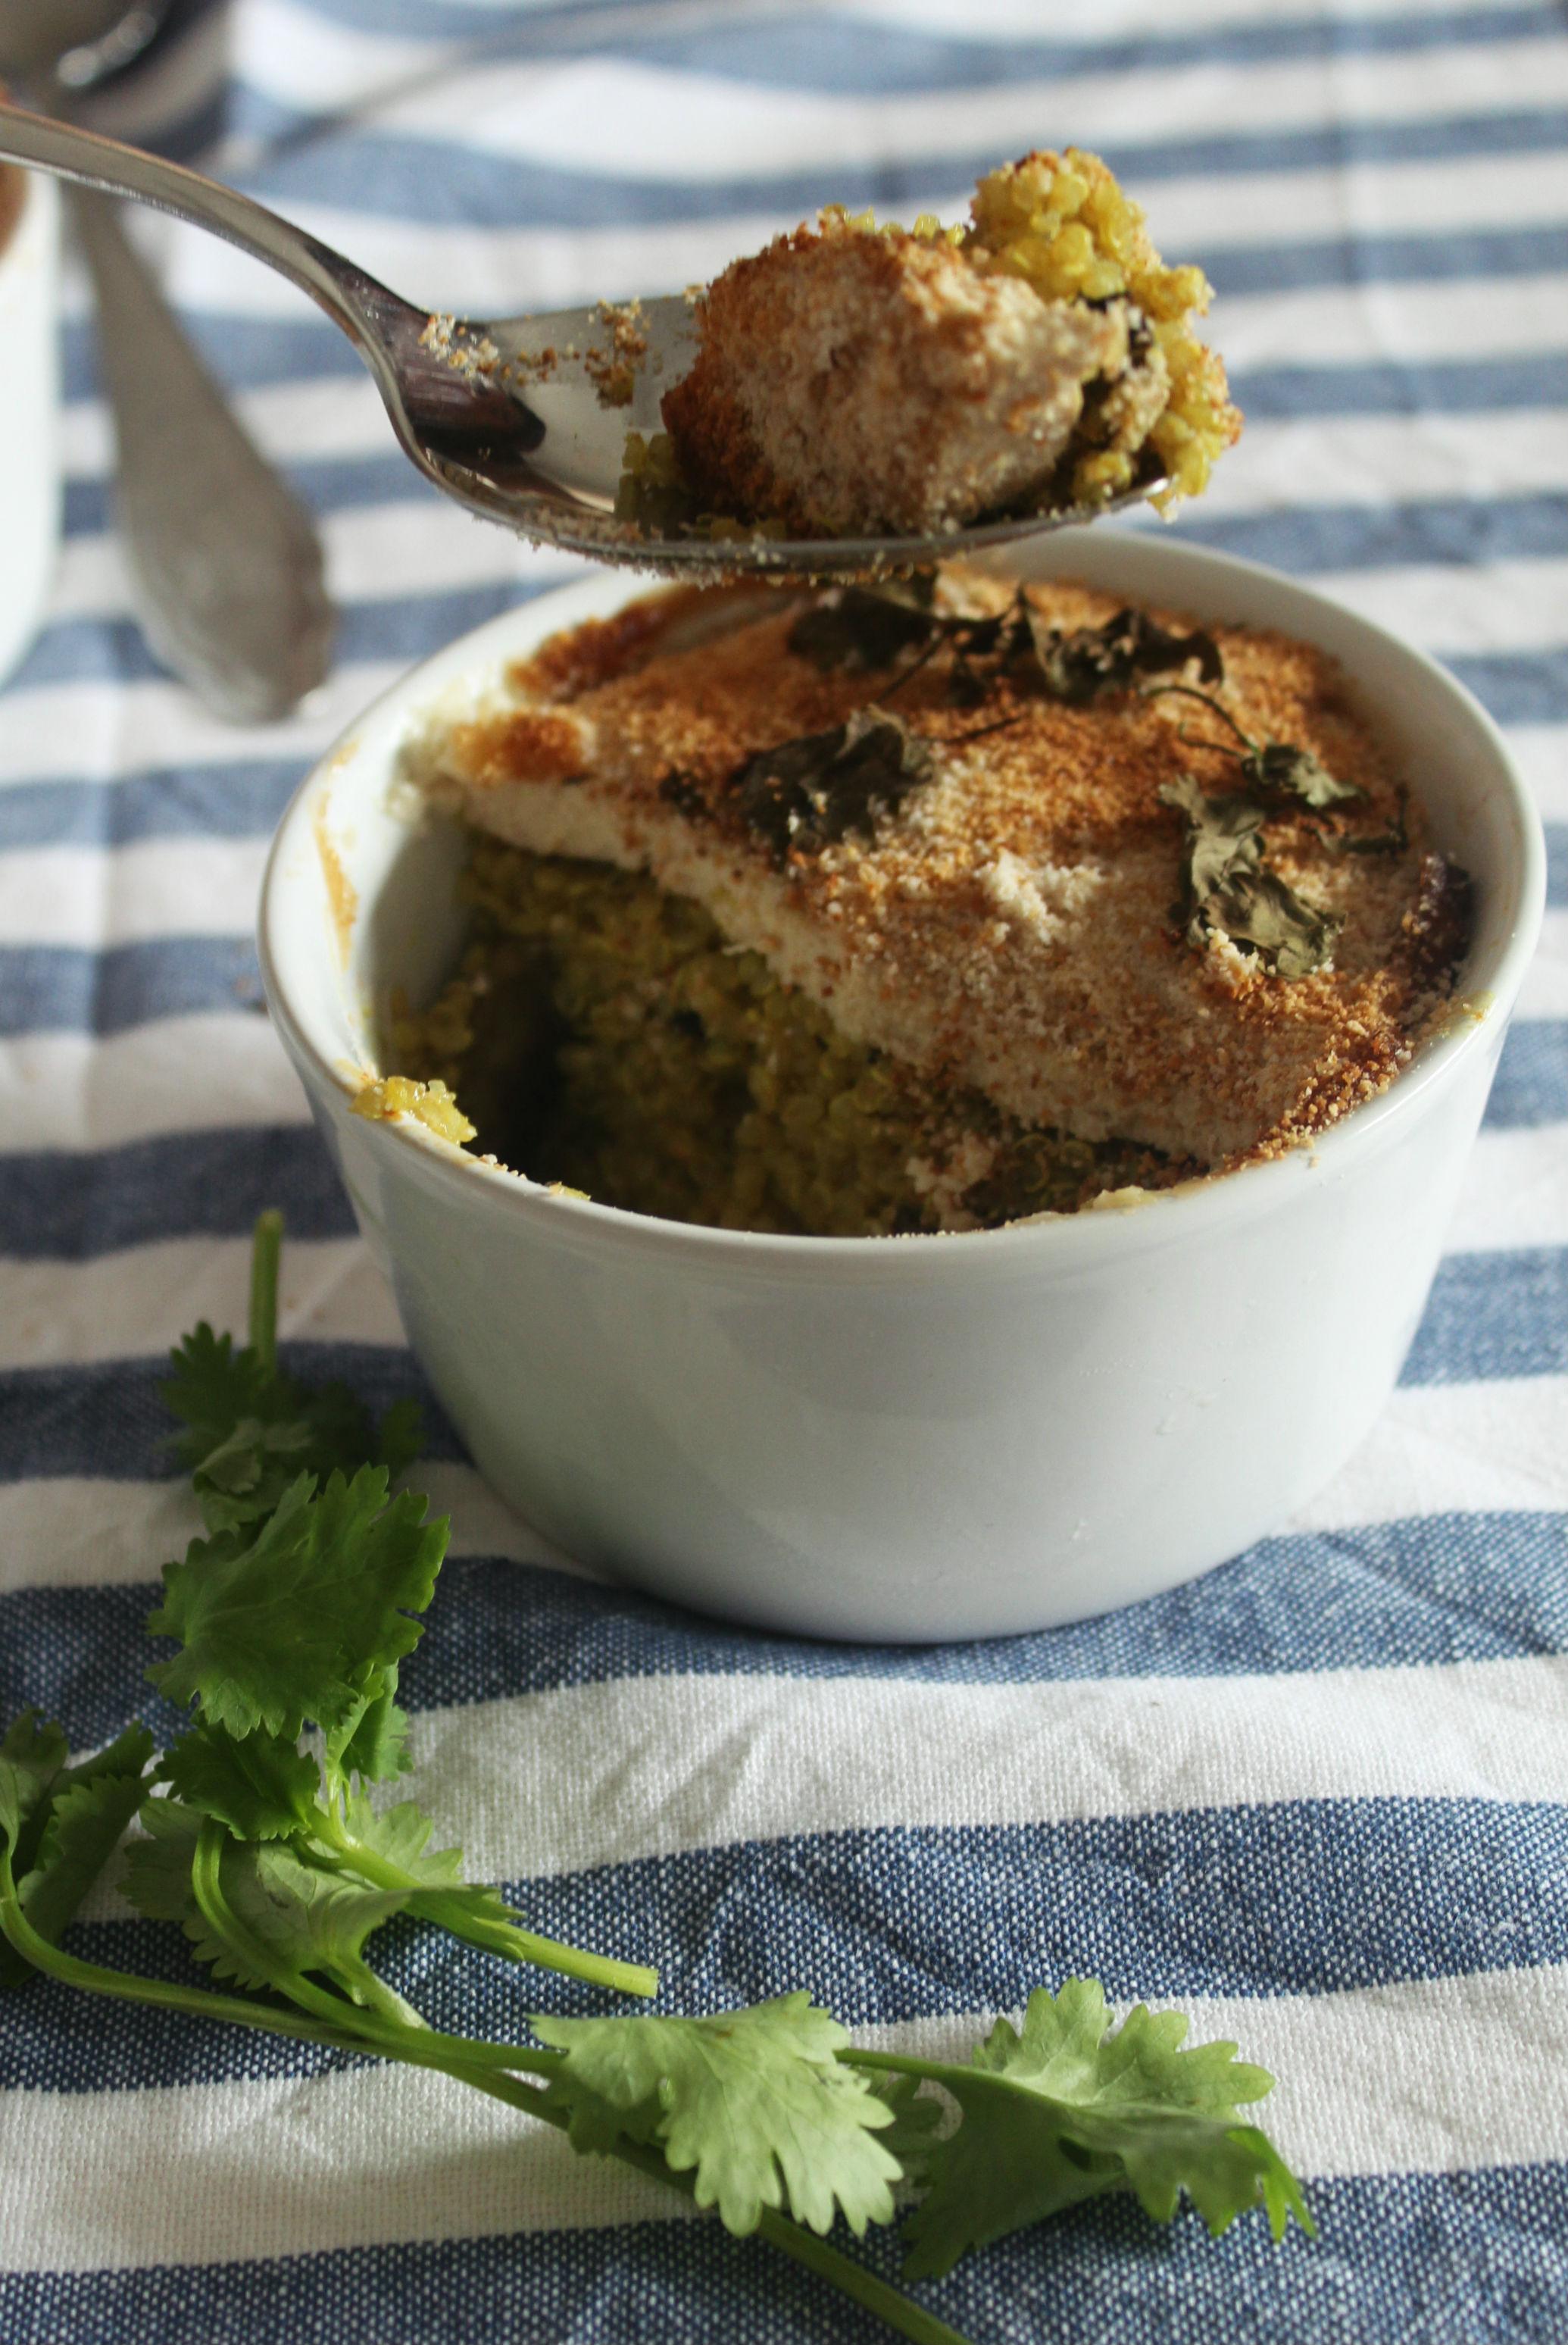 gratinado tofu quinoa cogumelos - myintegralis